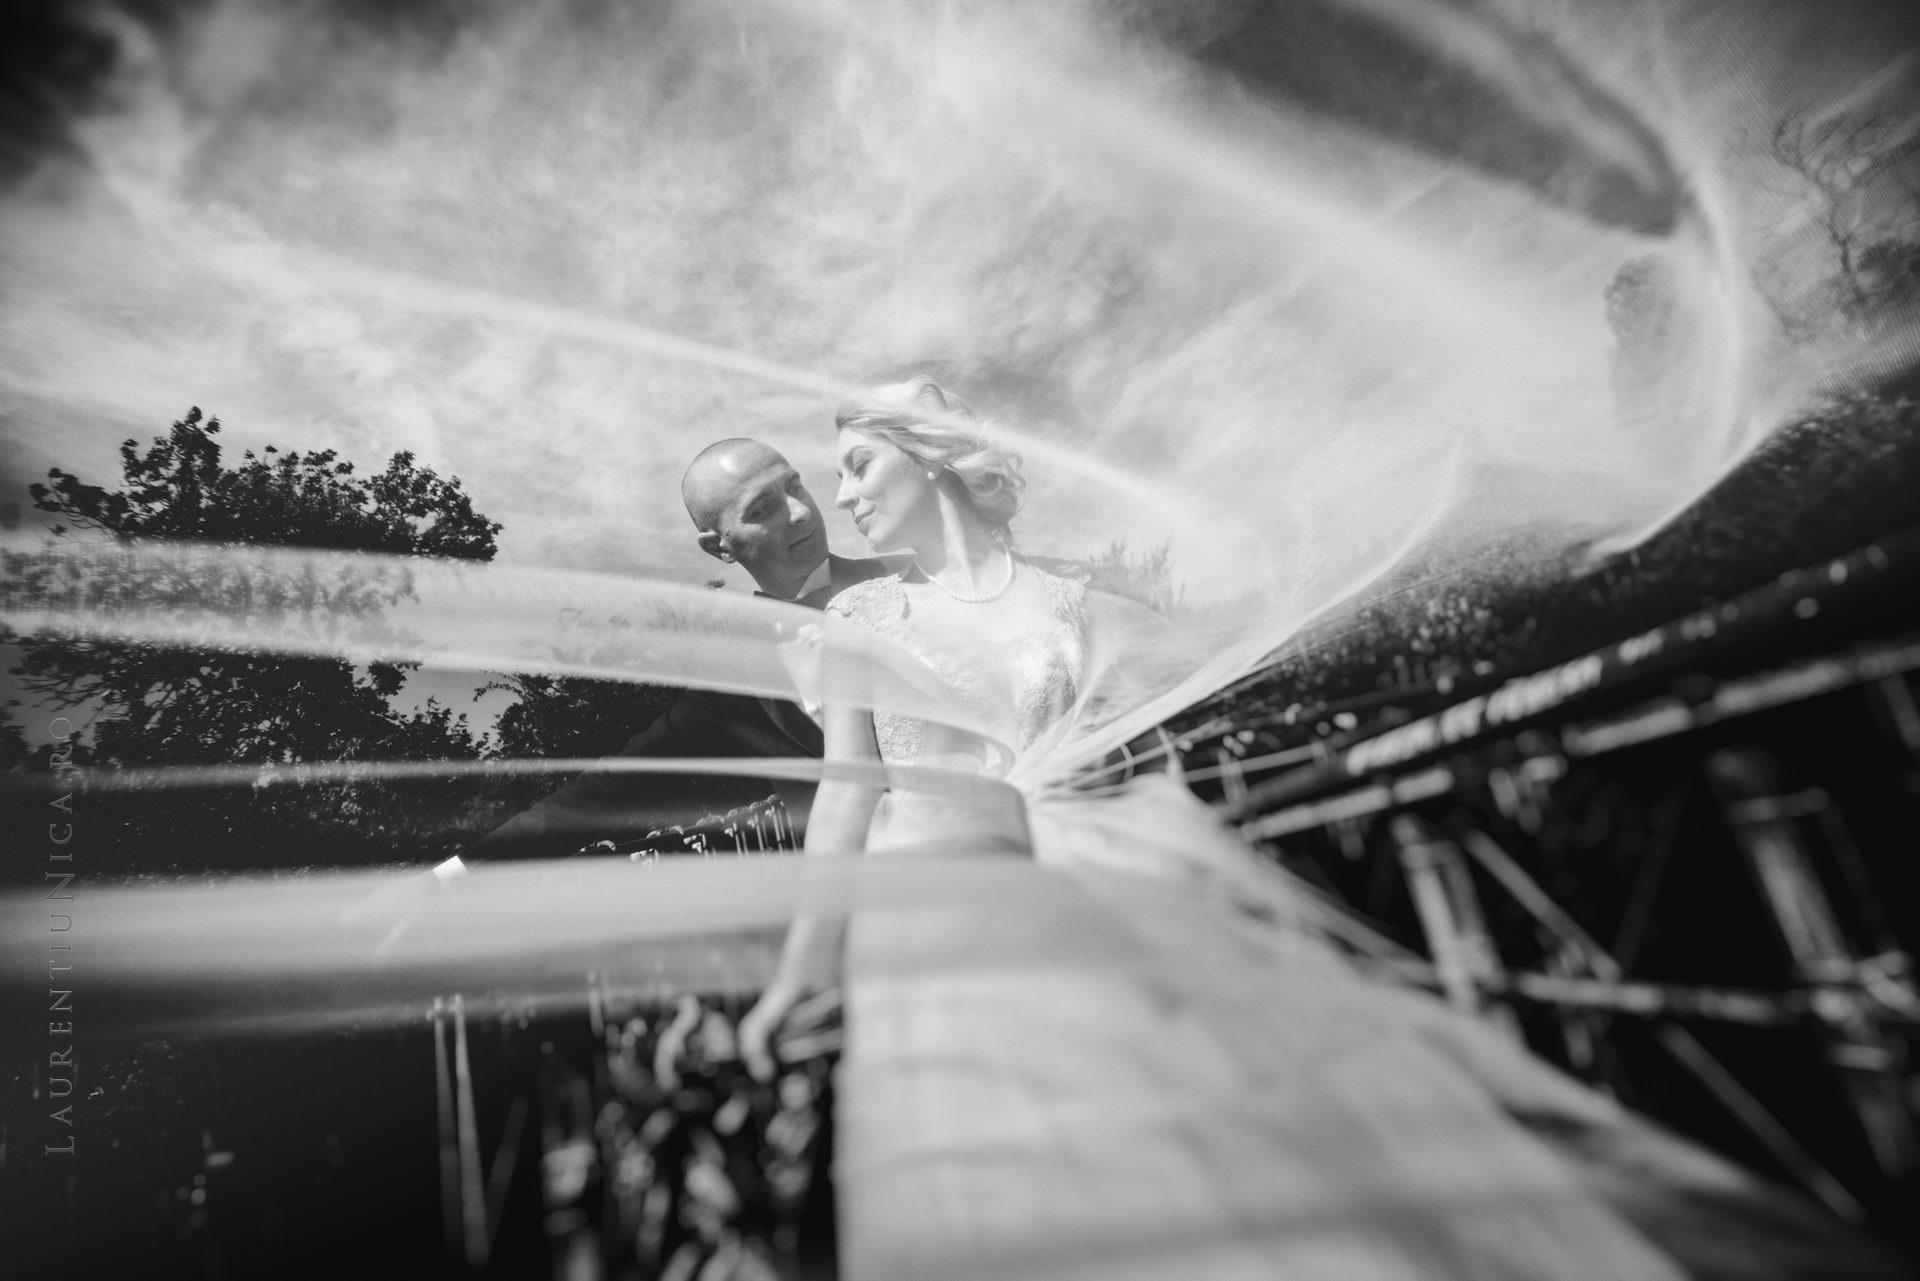 lavinia si adi fotograf laurentiu nica craiova 035 - Lavinia & Adi | Fotografii nunta